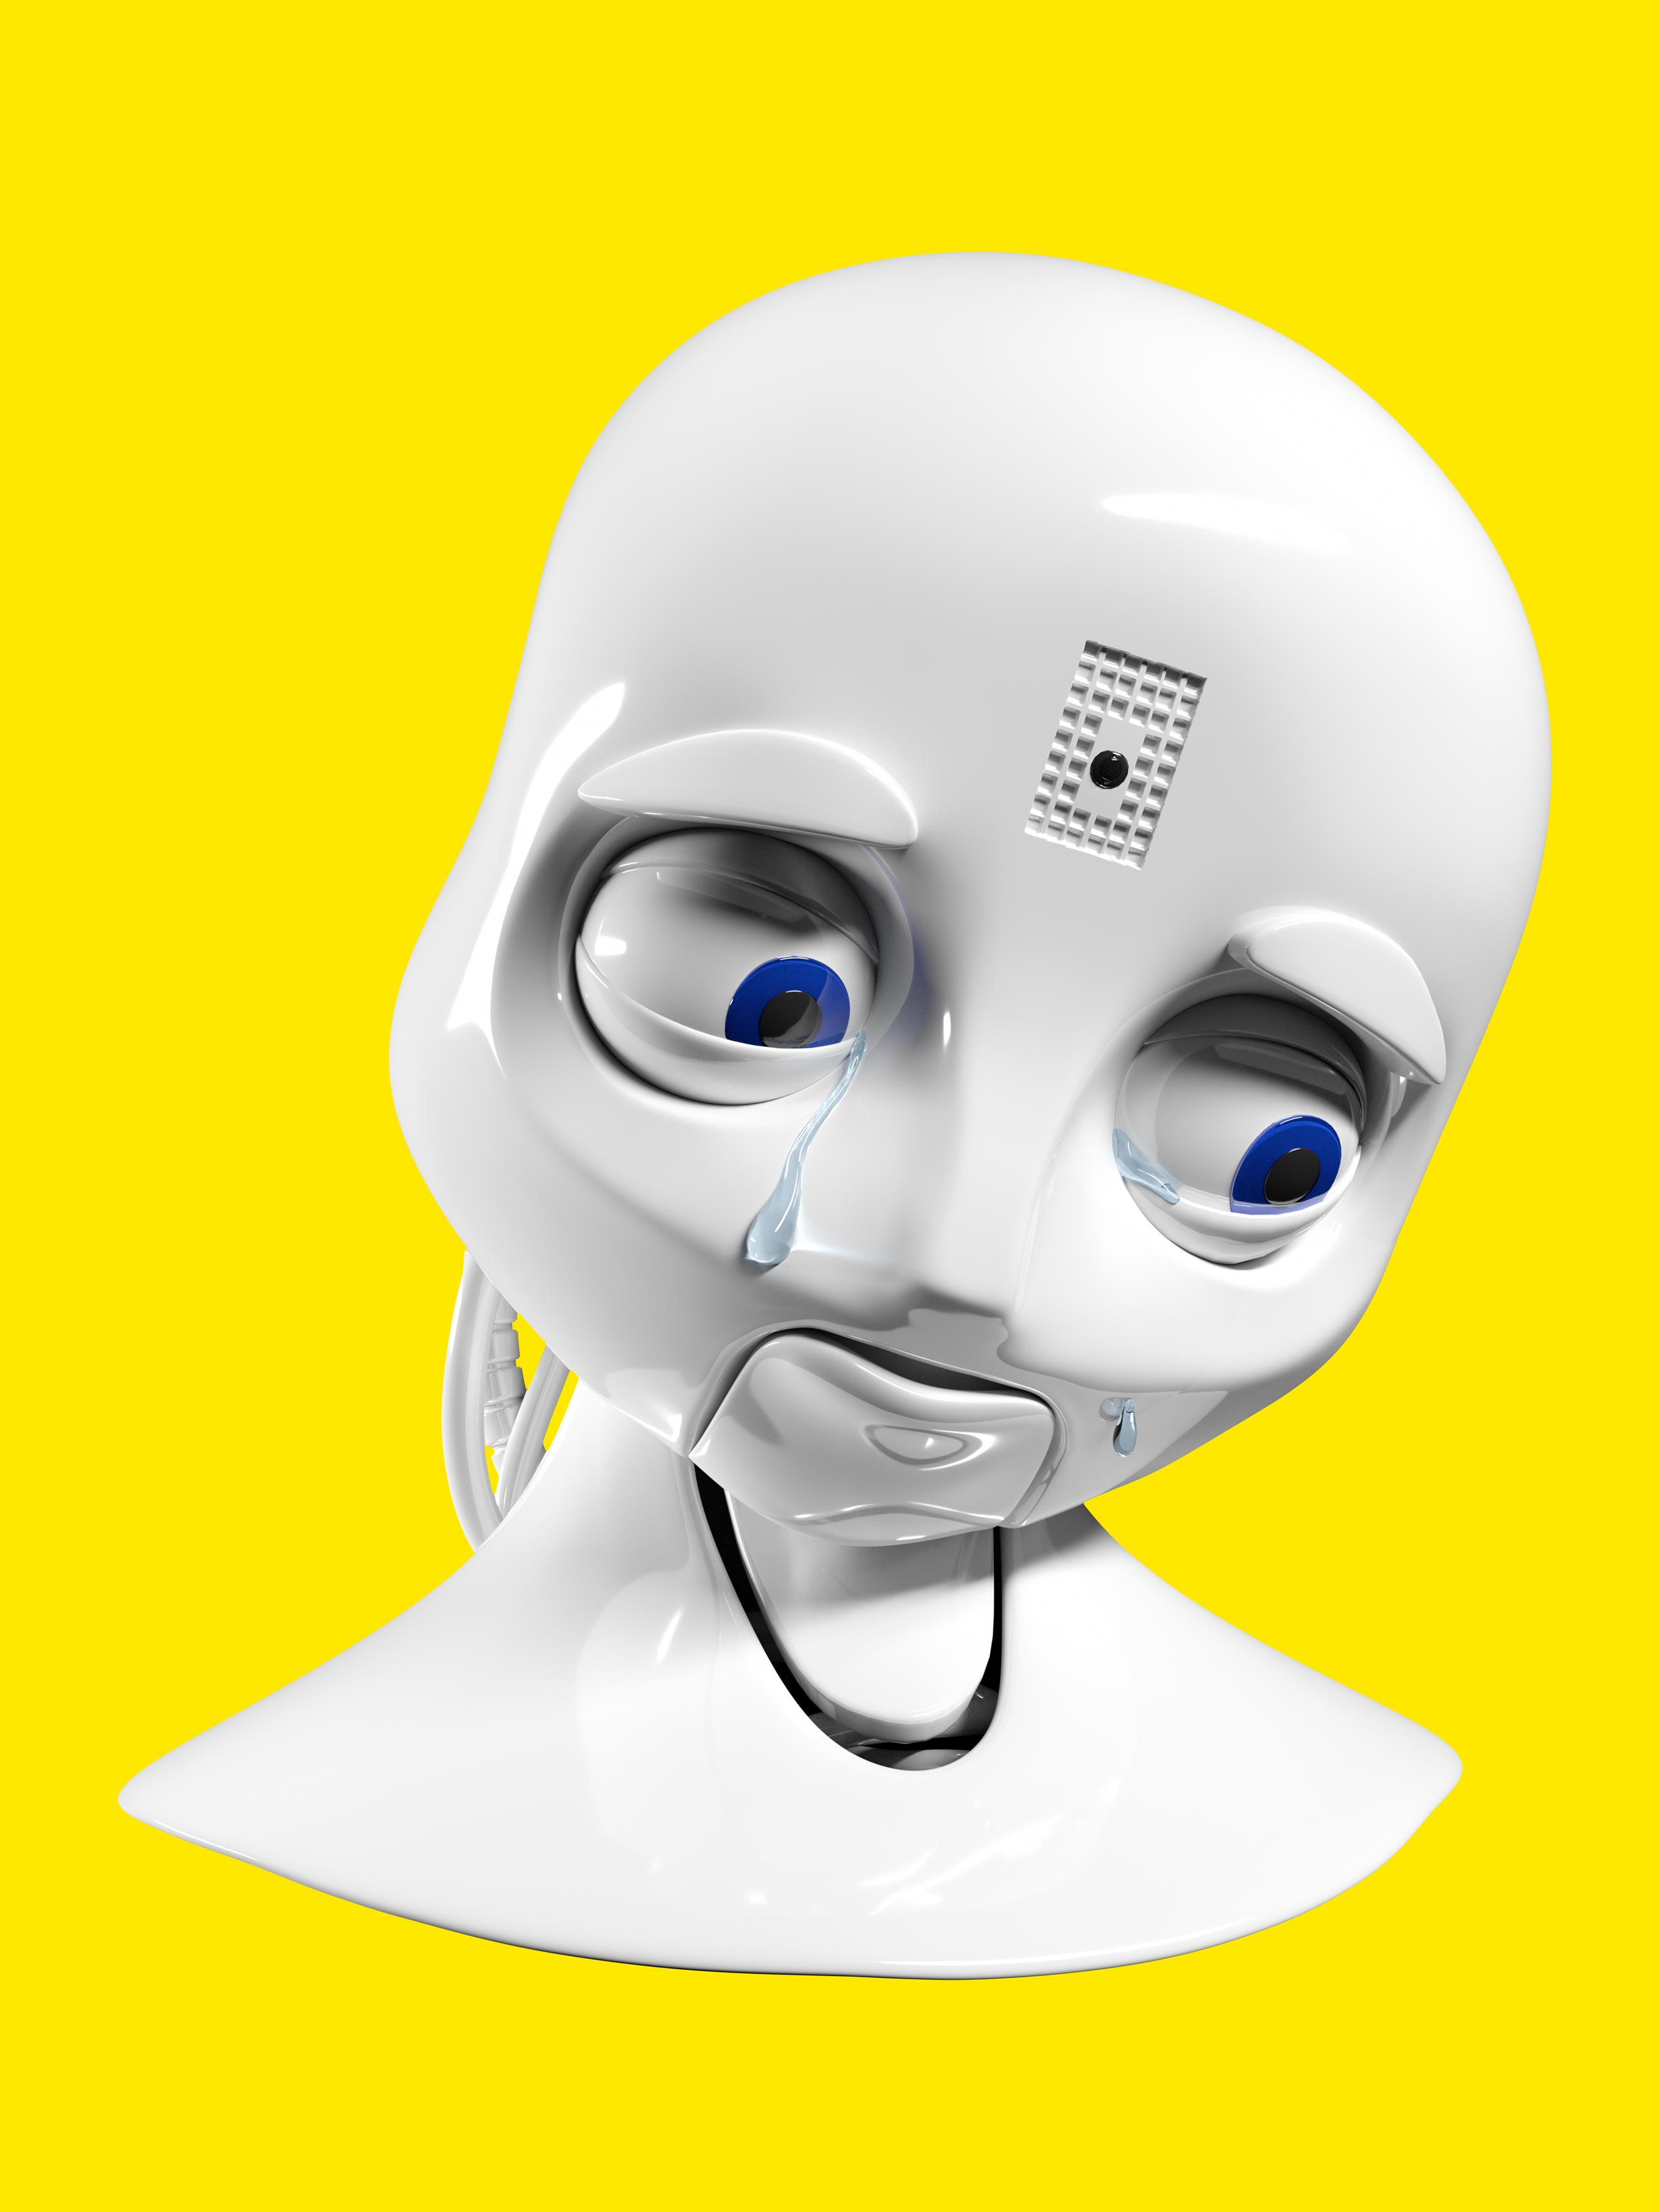 ロボットが相棒になるとき 誰が、どんな感情を 吹き込むのか?